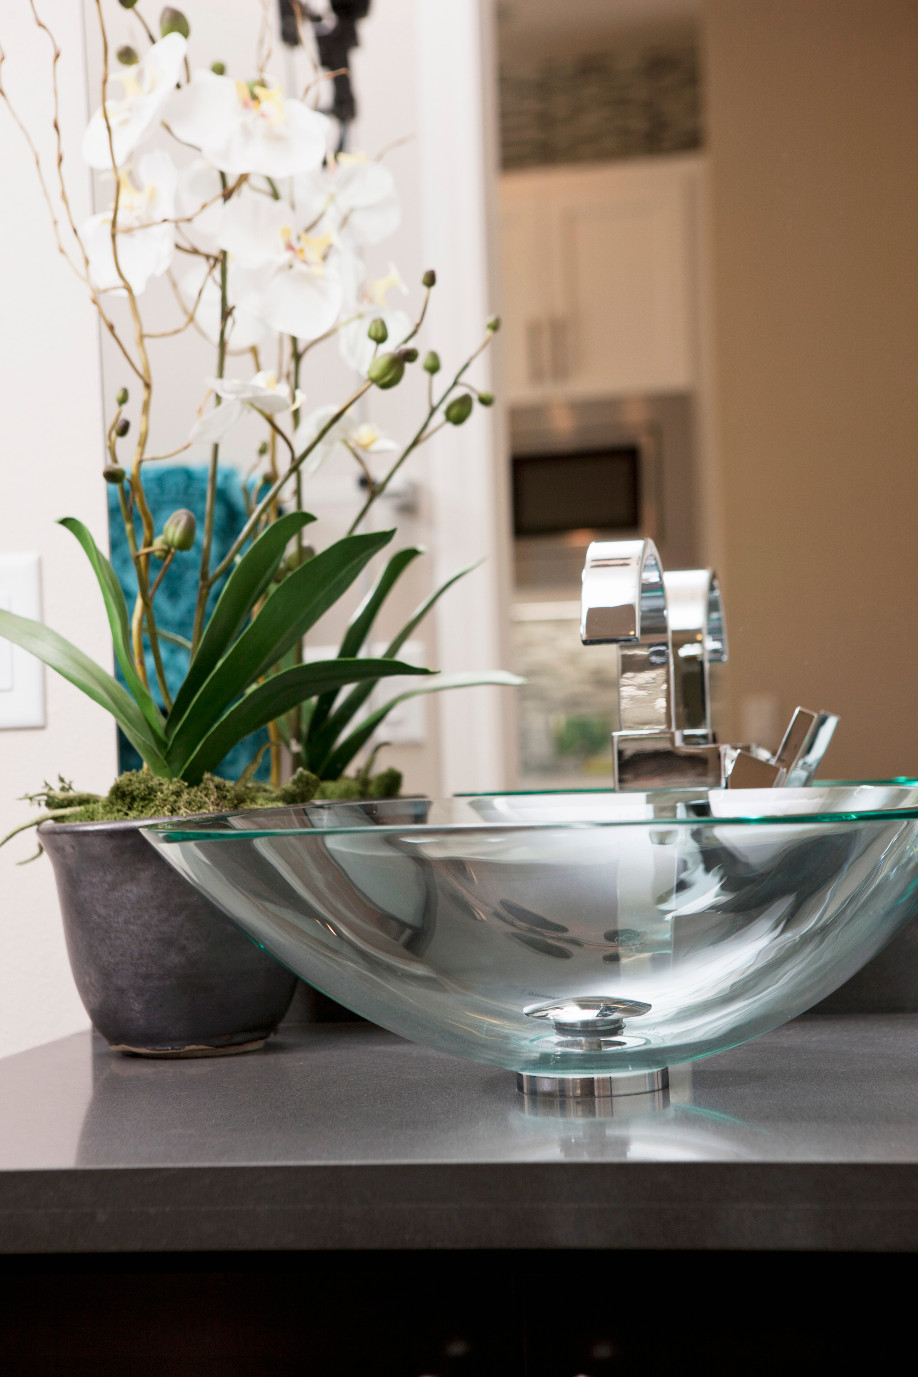 para aquellos que necesitan notas de delicadeza nada mejor que un lavabo de cristal sutil y perfecto parte de la atraccin del vidrio es su elegancia y